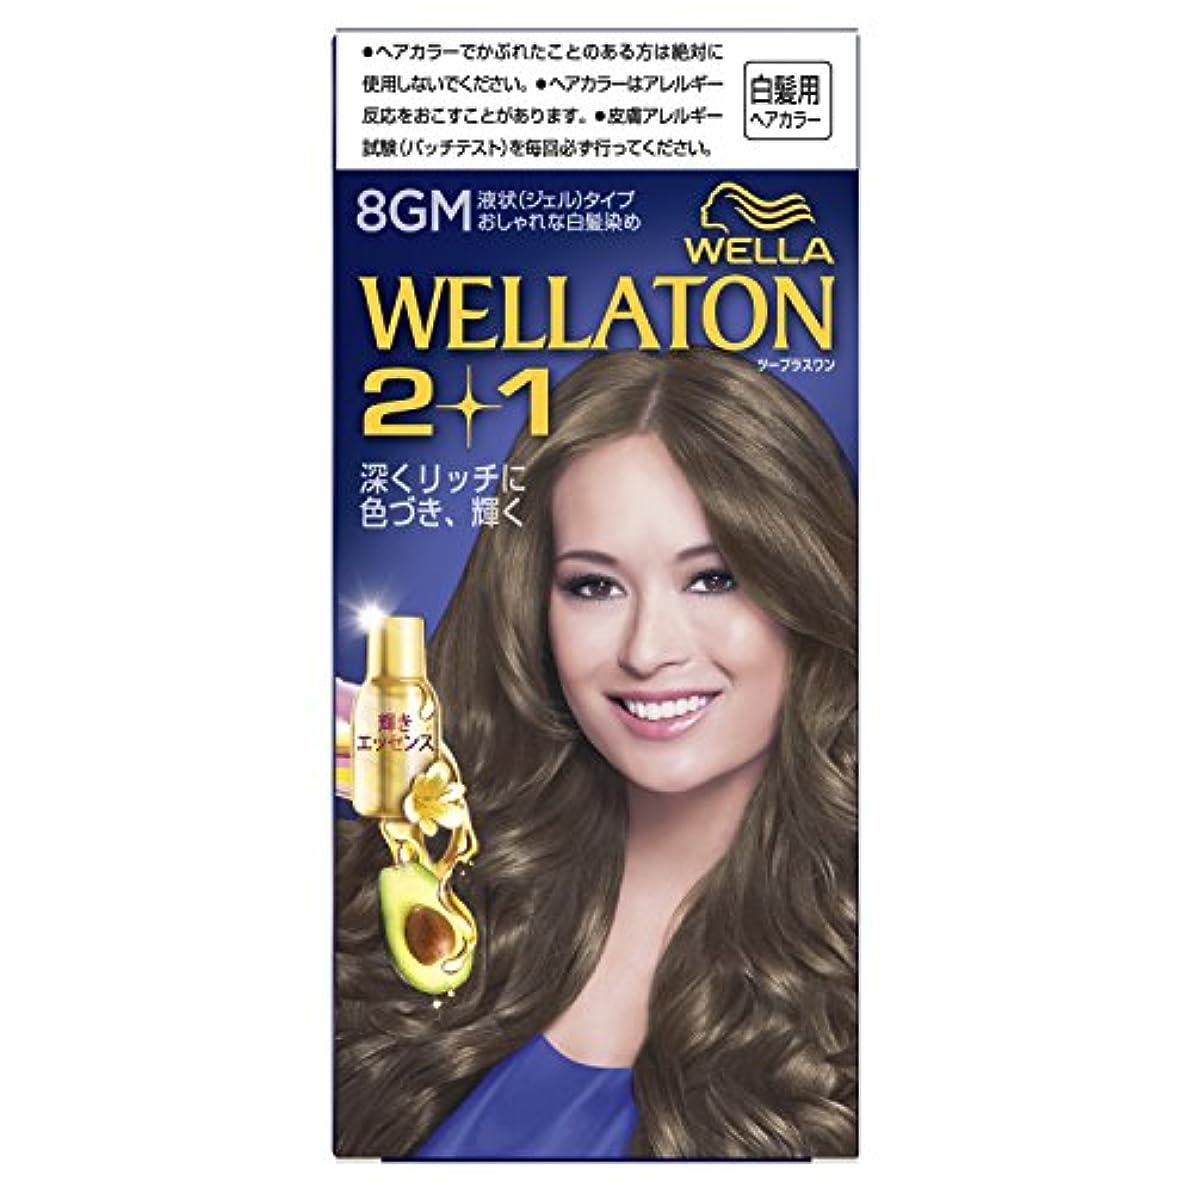 心配する罰独裁ウエラトーン2+1 液状タイプ 8GM [医薬部外品](おしゃれな白髪染め)